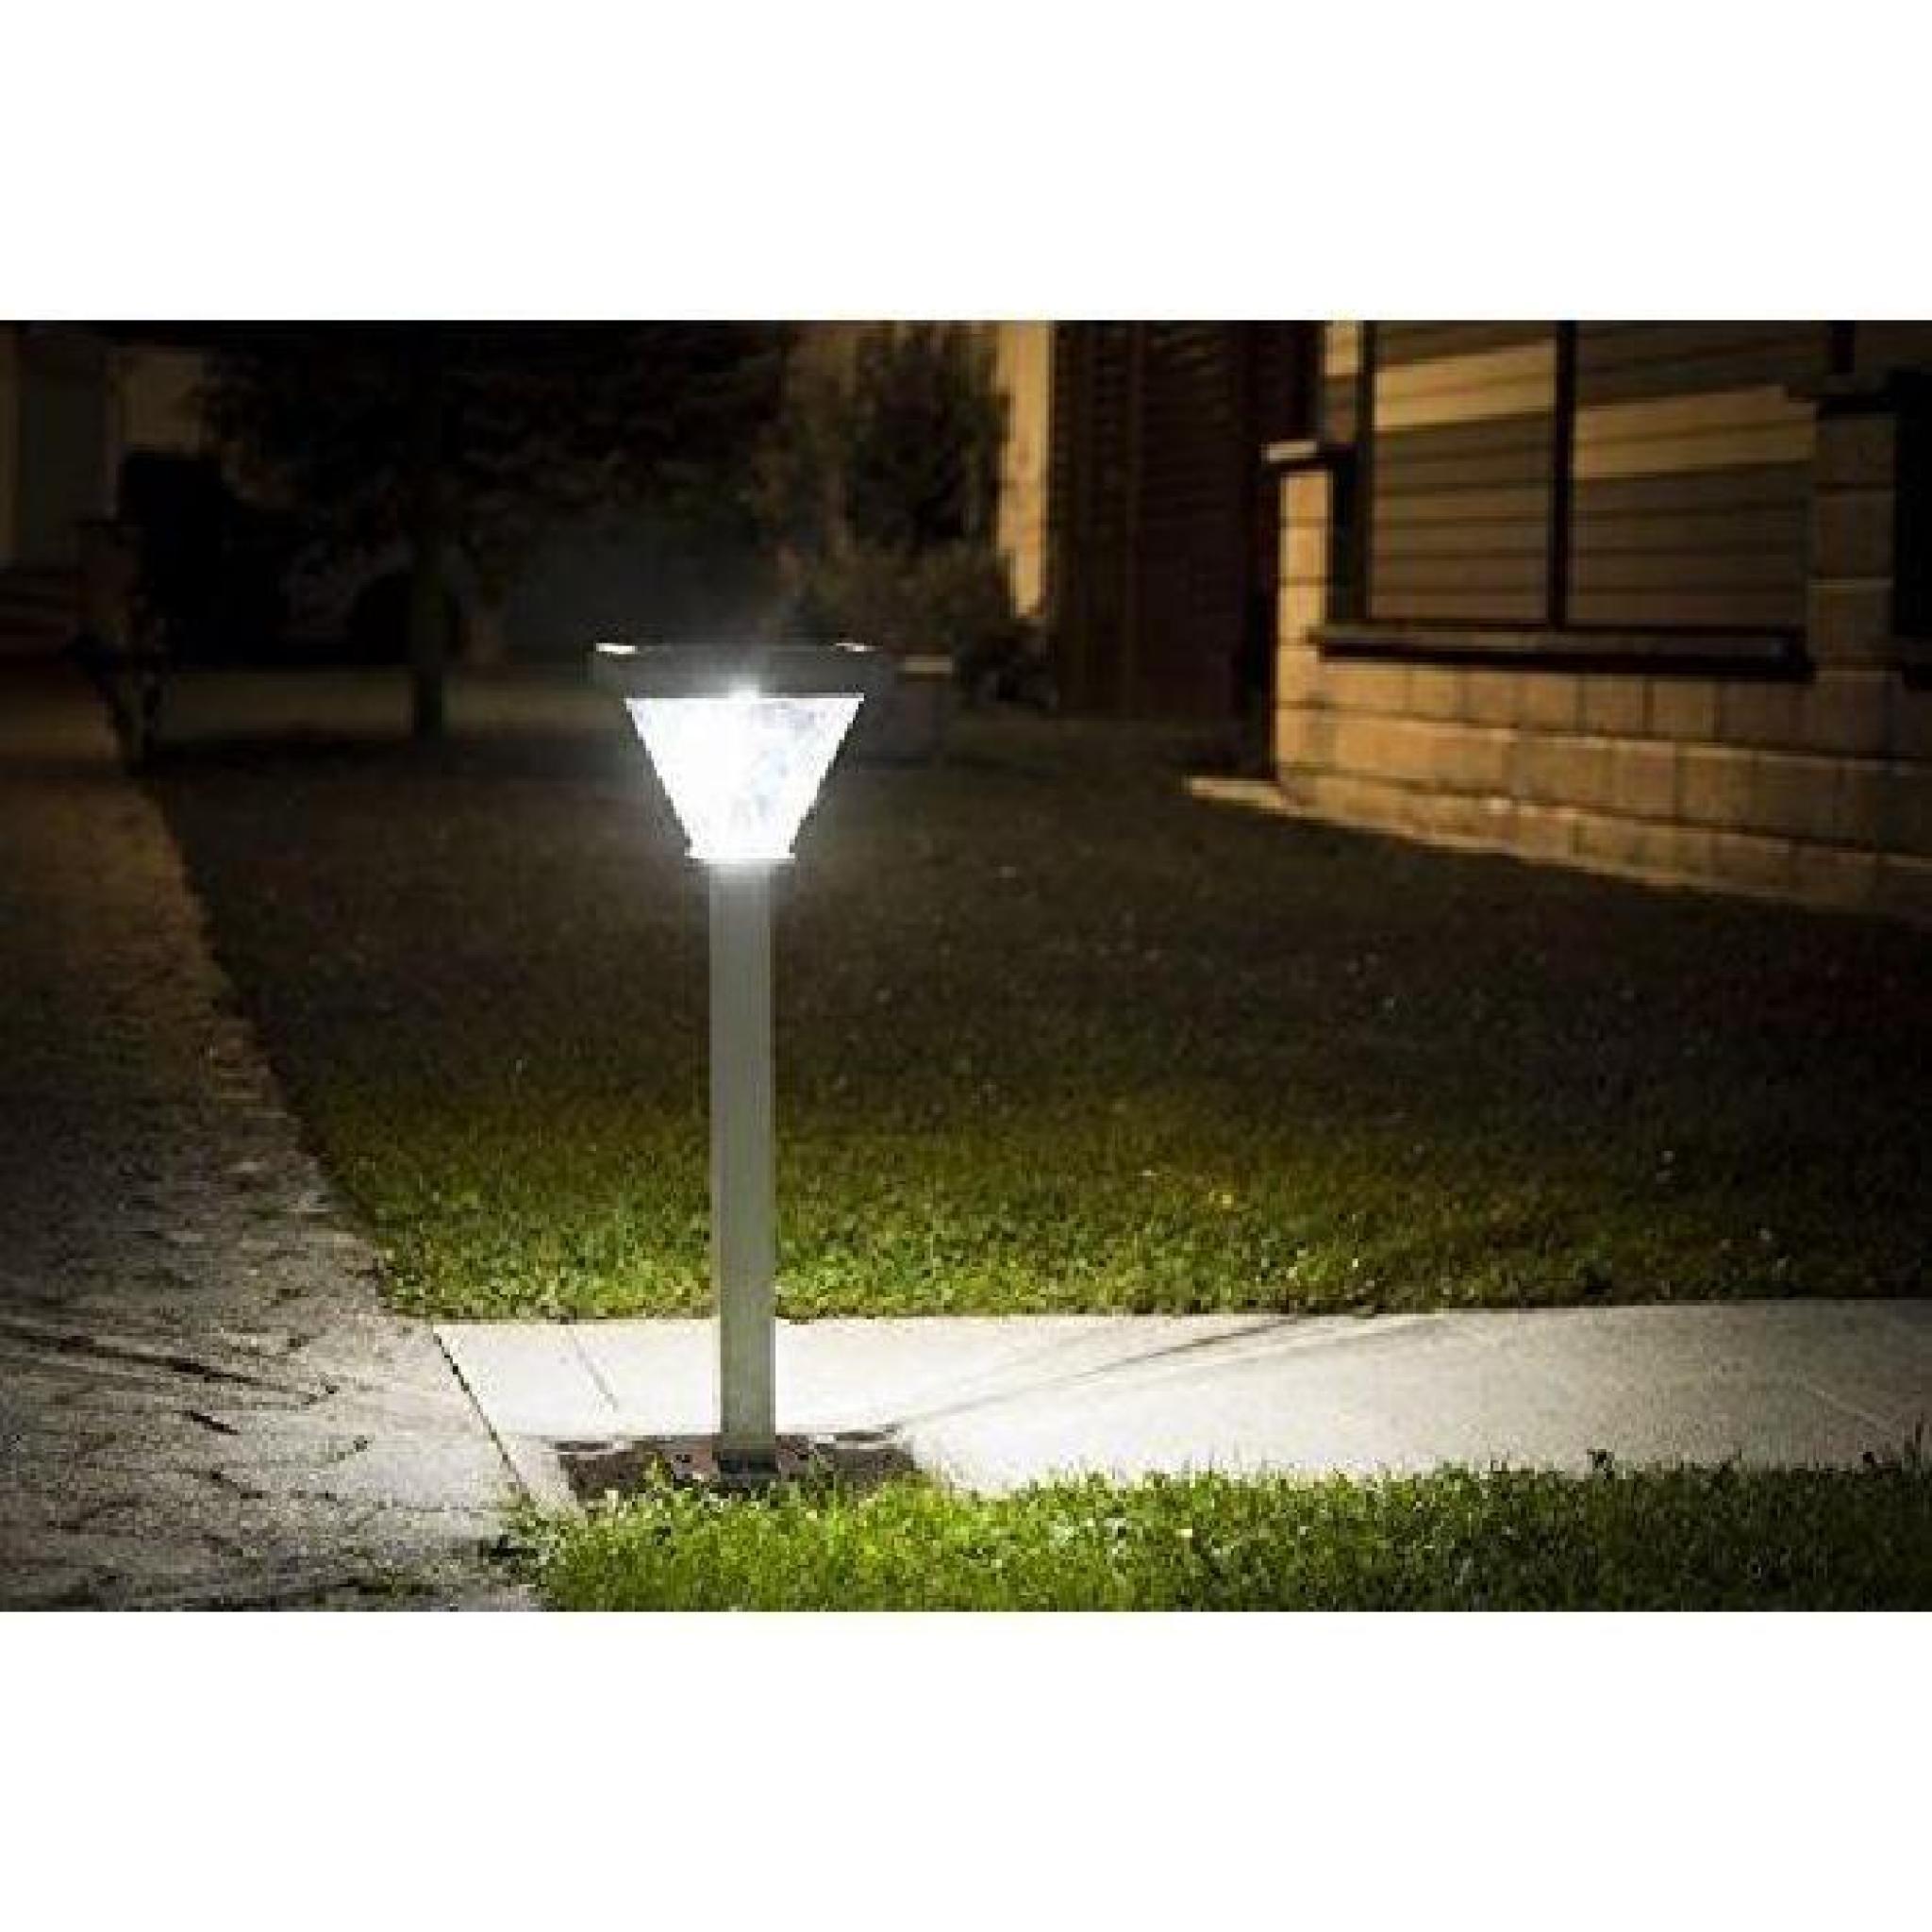 Galix 1031 Poteau Solaire Aluminium… - Achat/Vente lampe solaire ...